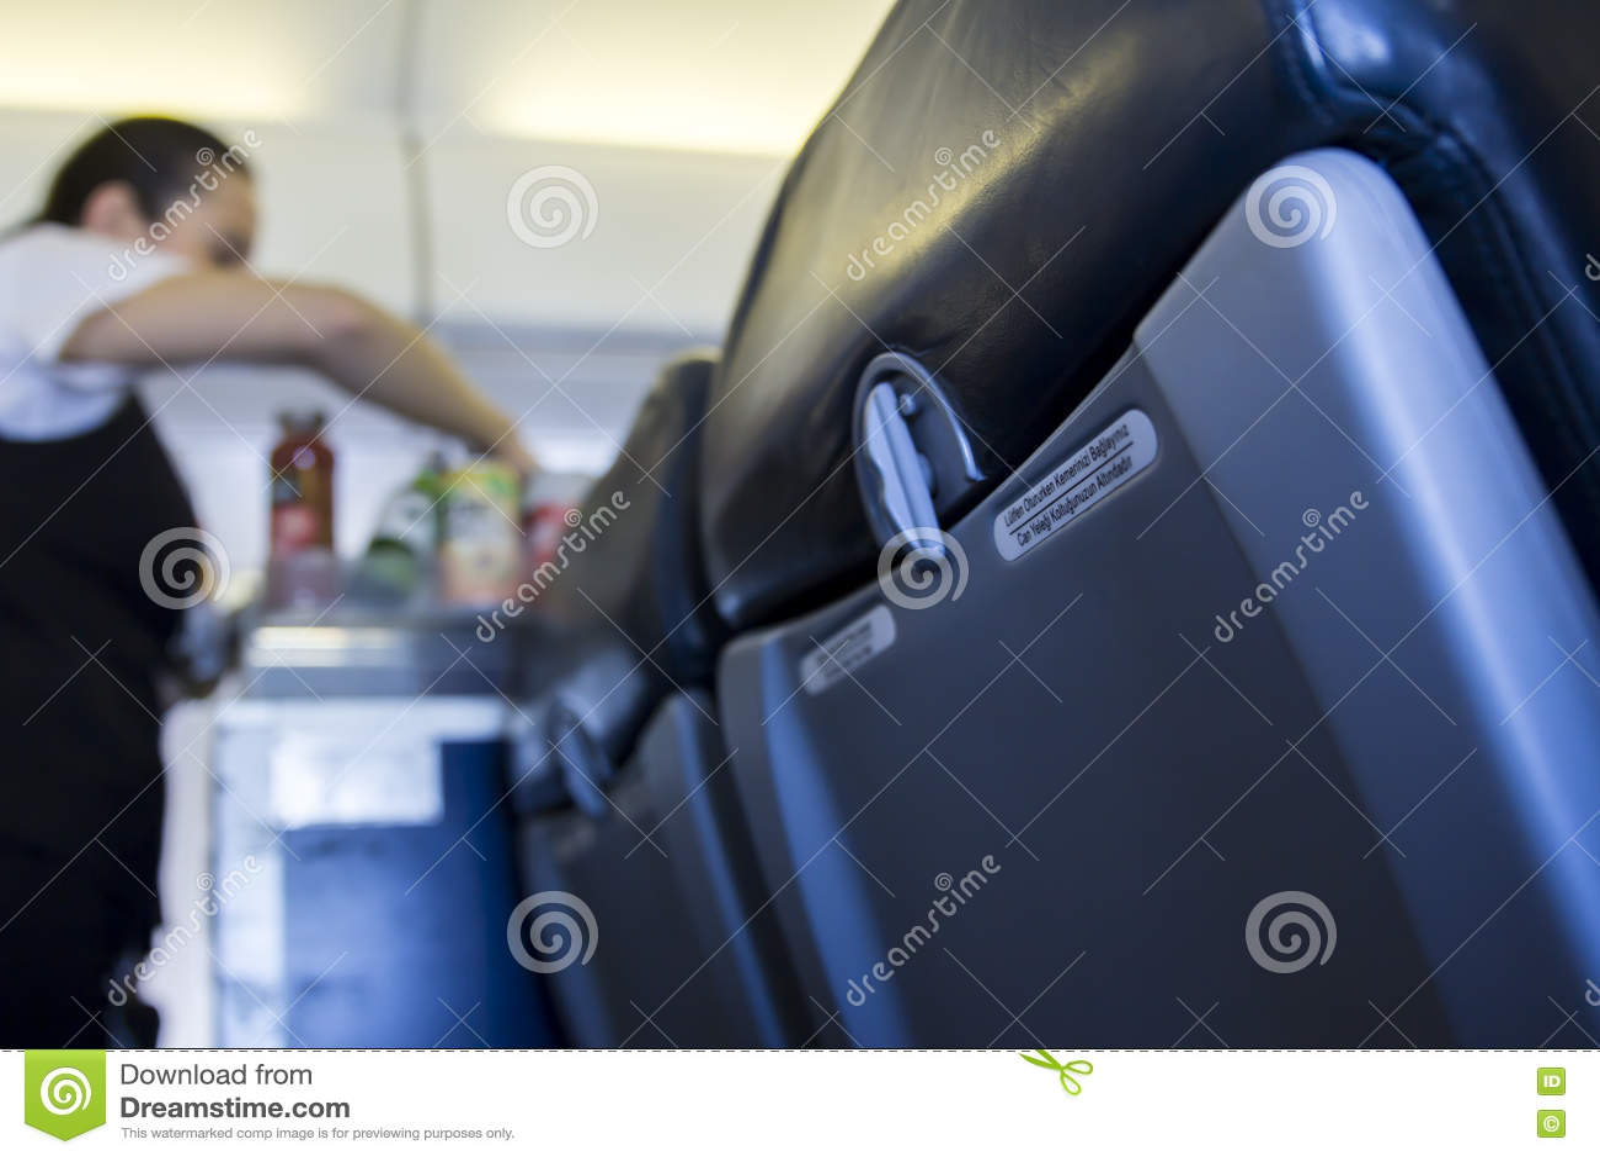 Binnenvliegtuigclose-up van zetel met catering